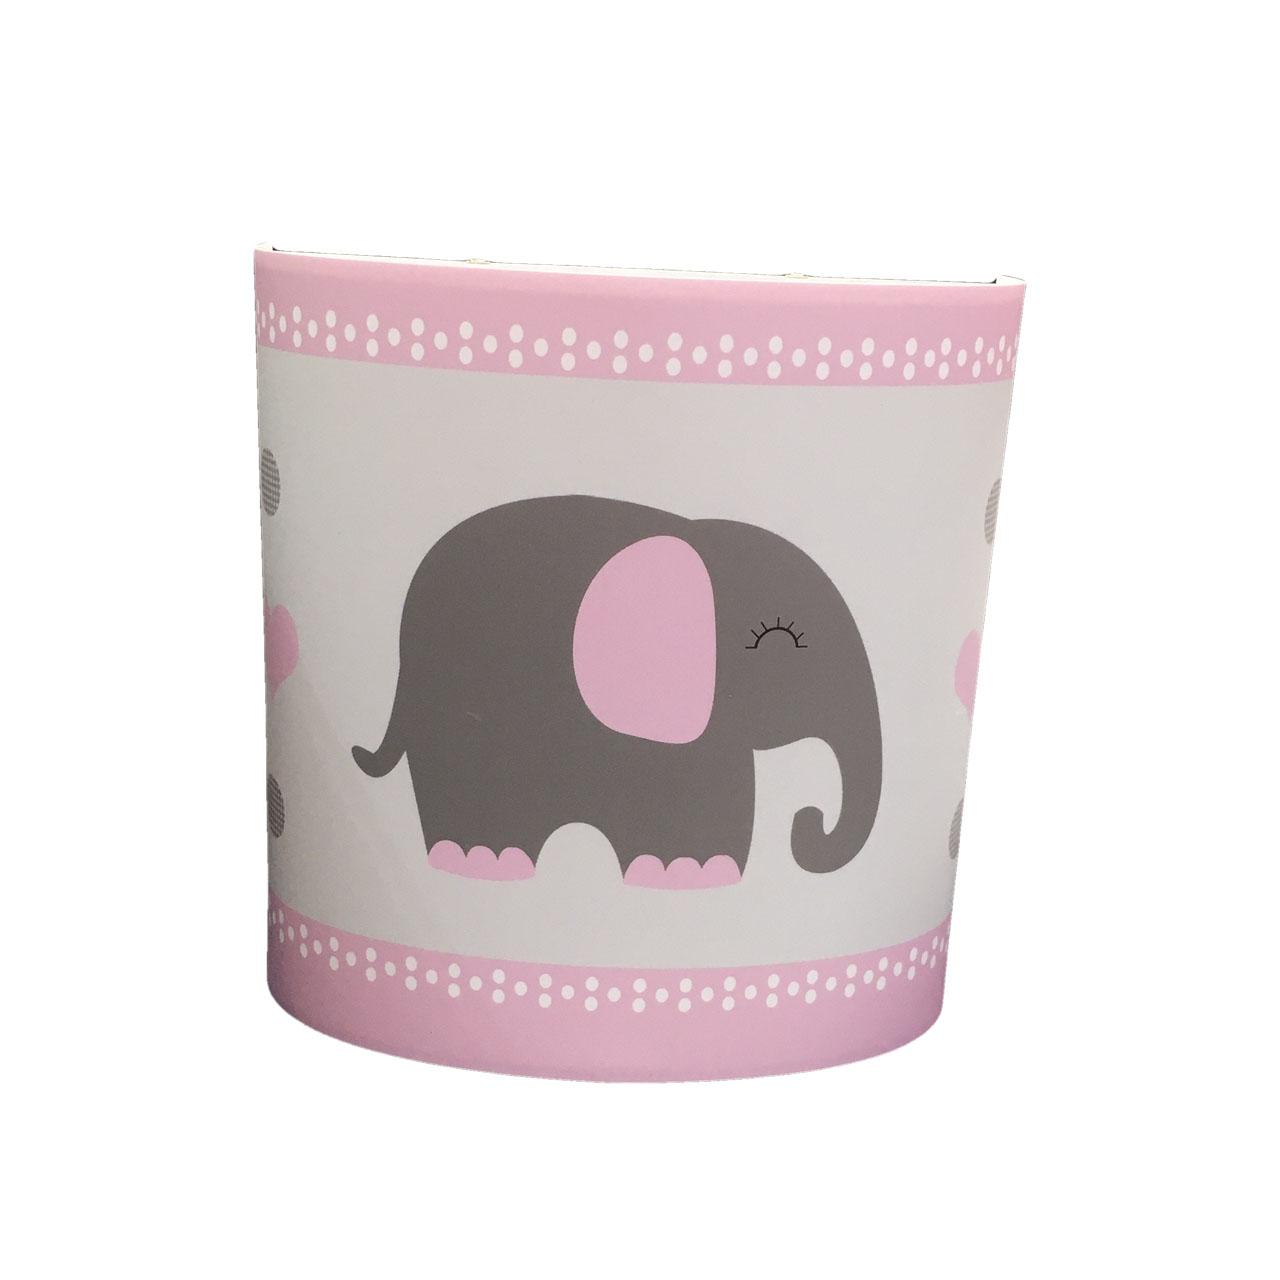 چراغ خواب کودک طرح فیل مدل ۵۵۲۲